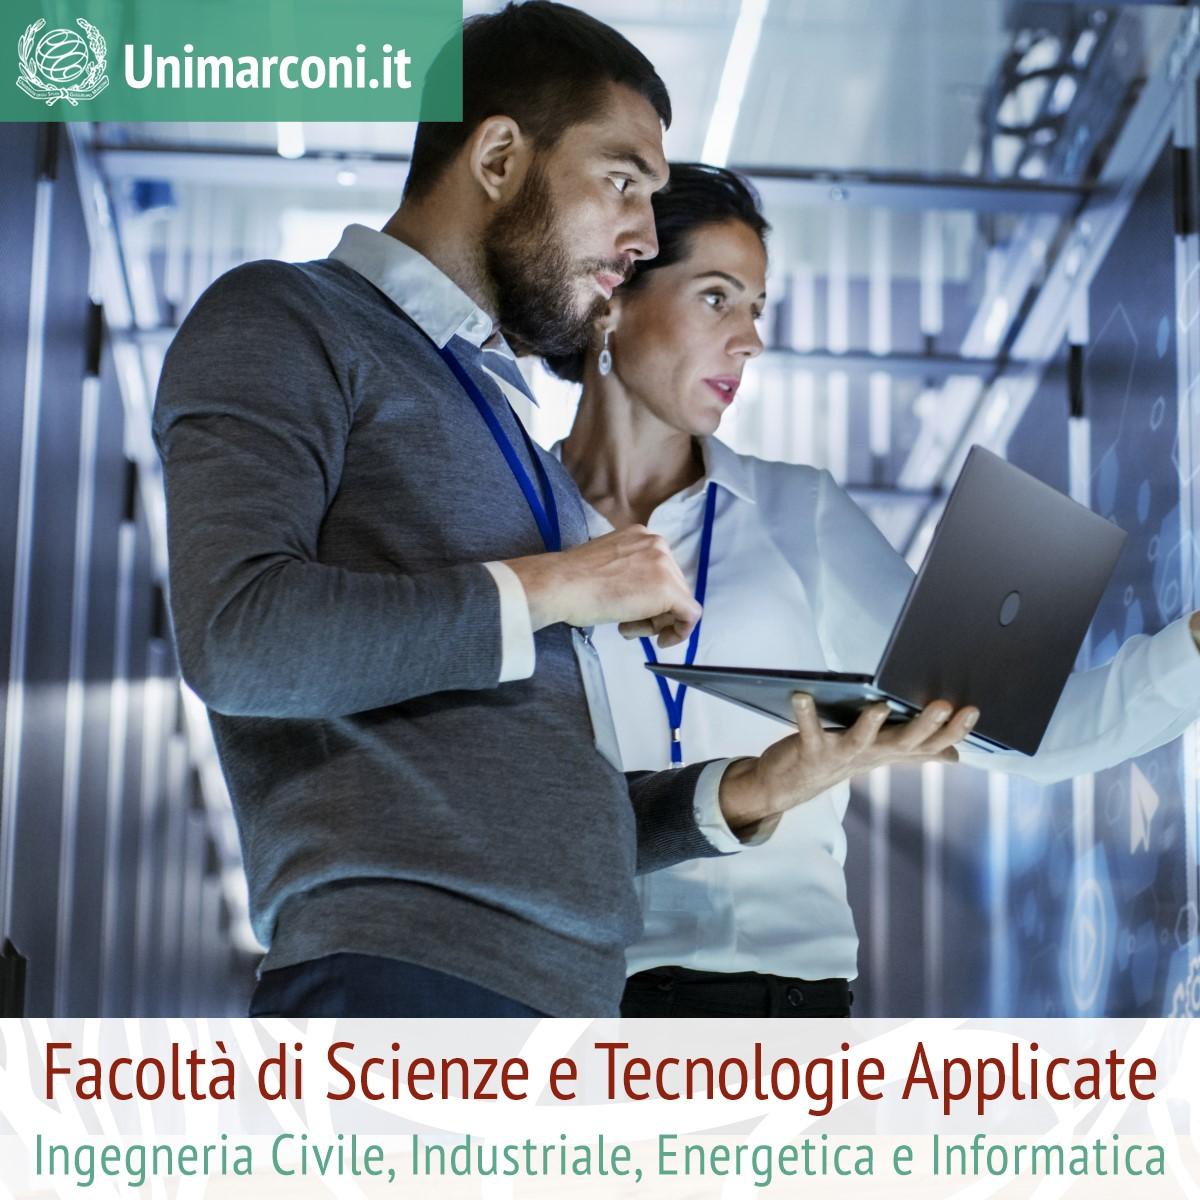 FACOLTÀ DI SCIENZE E TECNOLOGIE APPLICATE